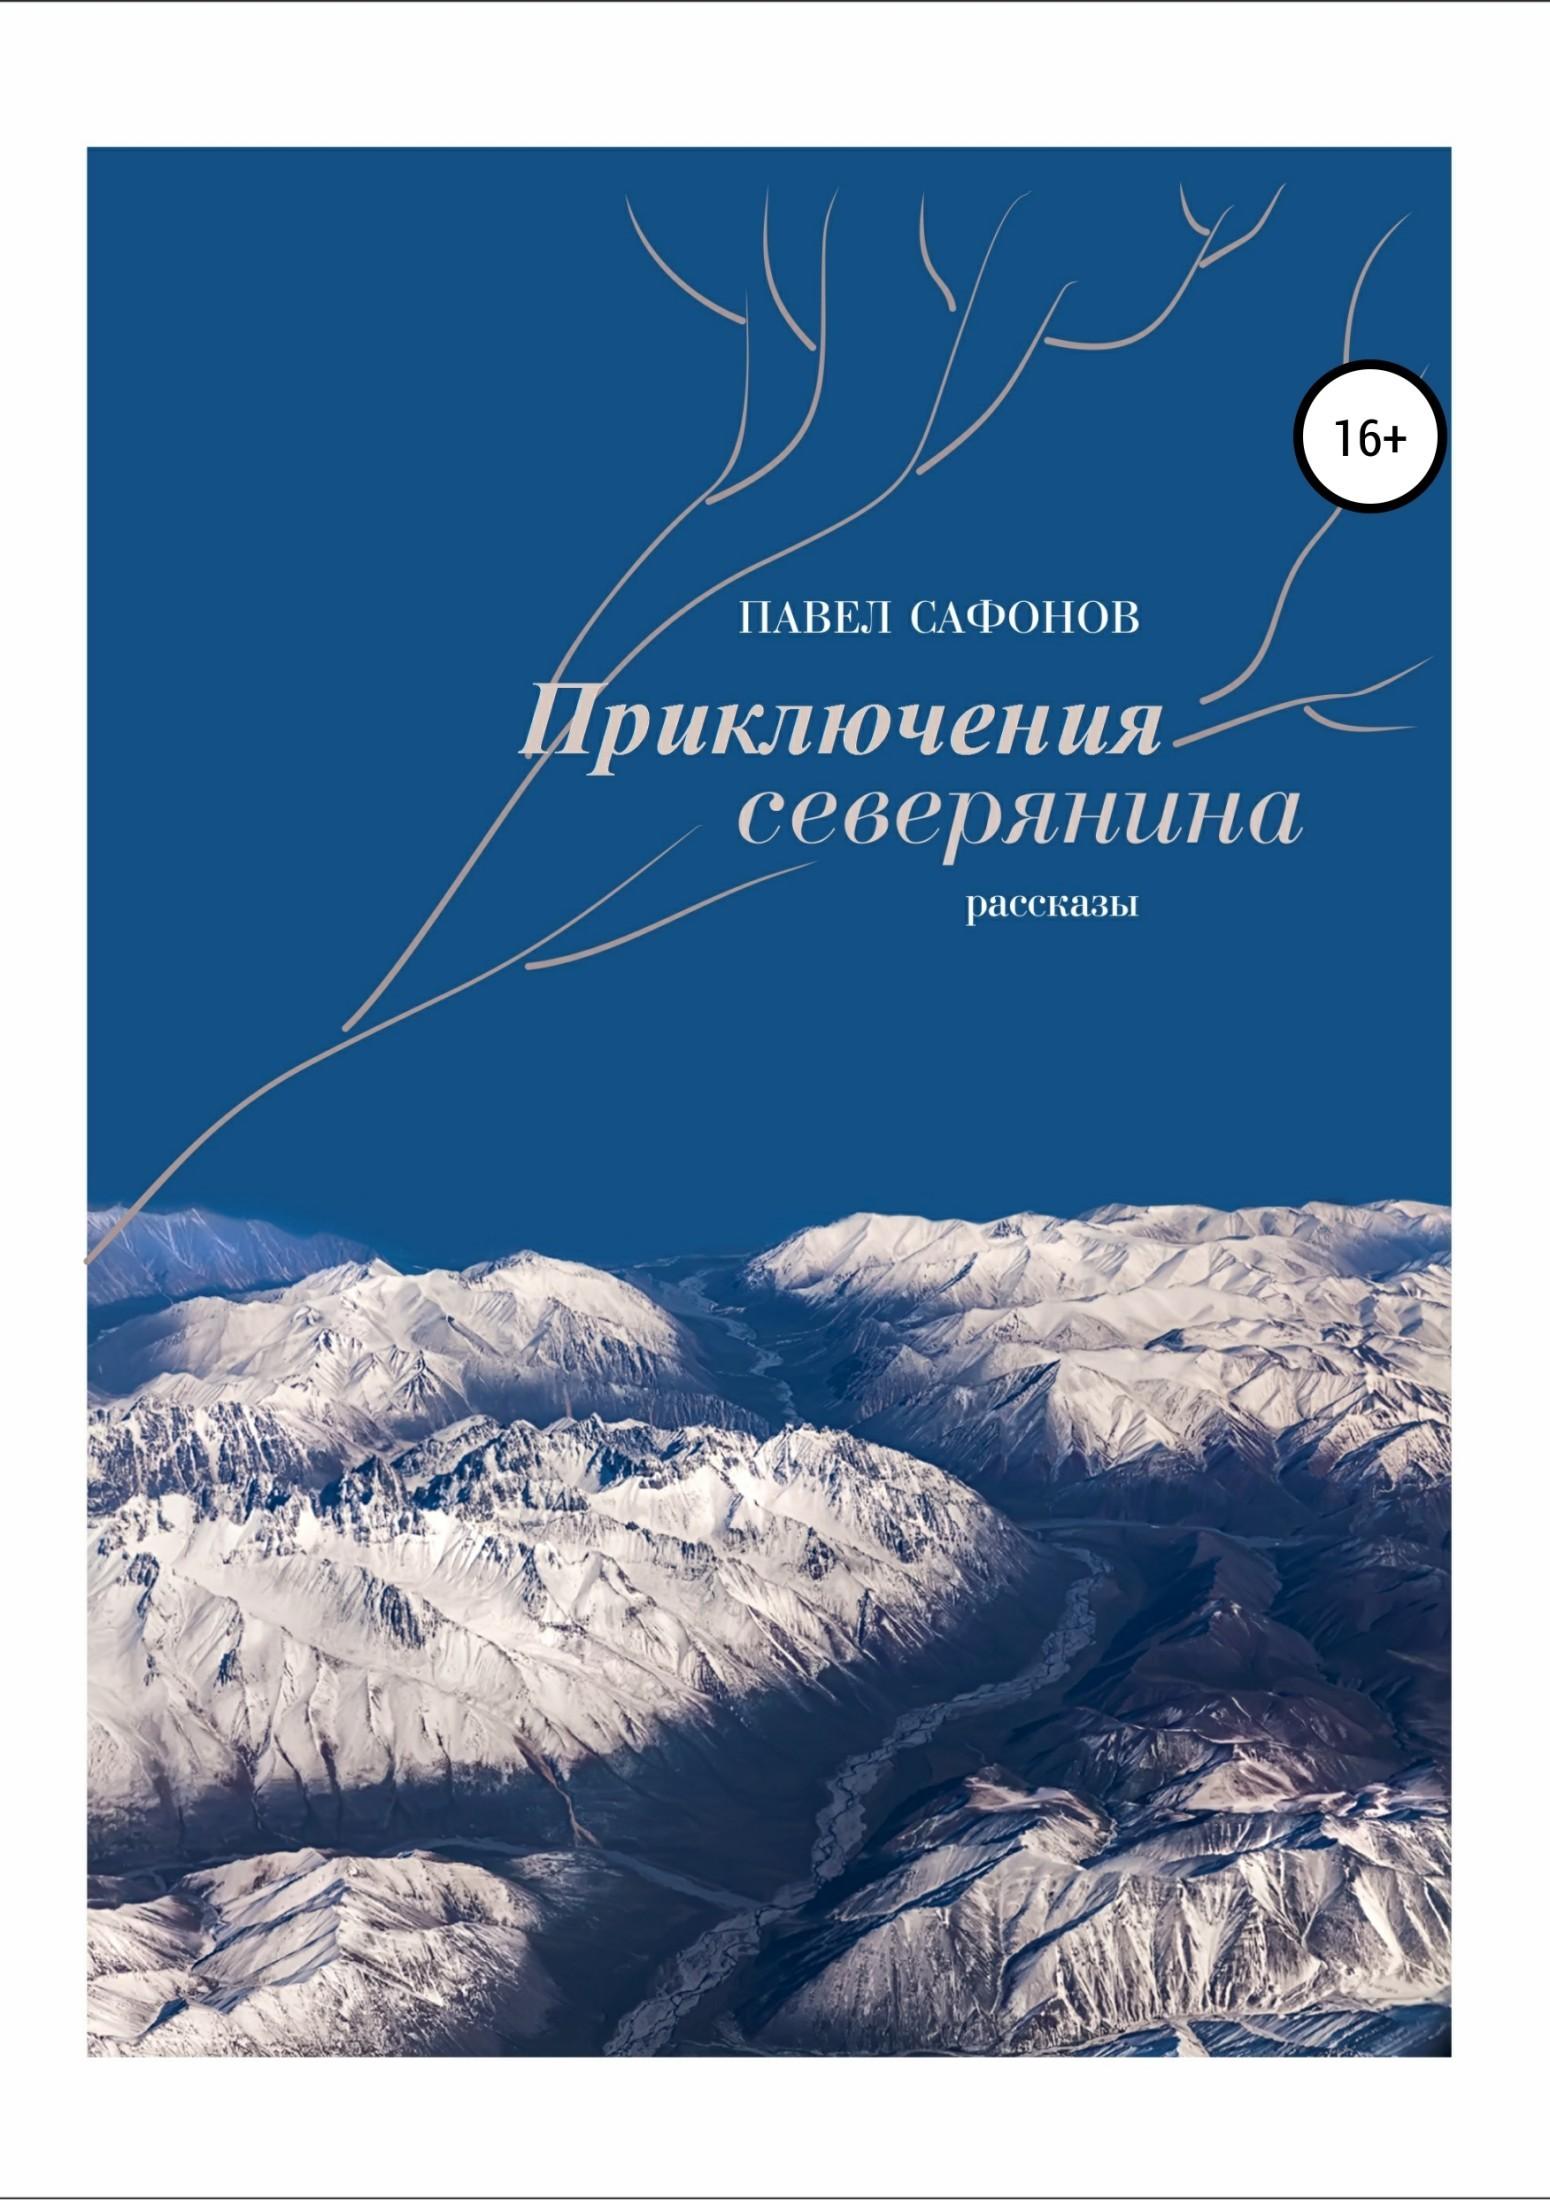 Приключения северянина. Сборник рассказов